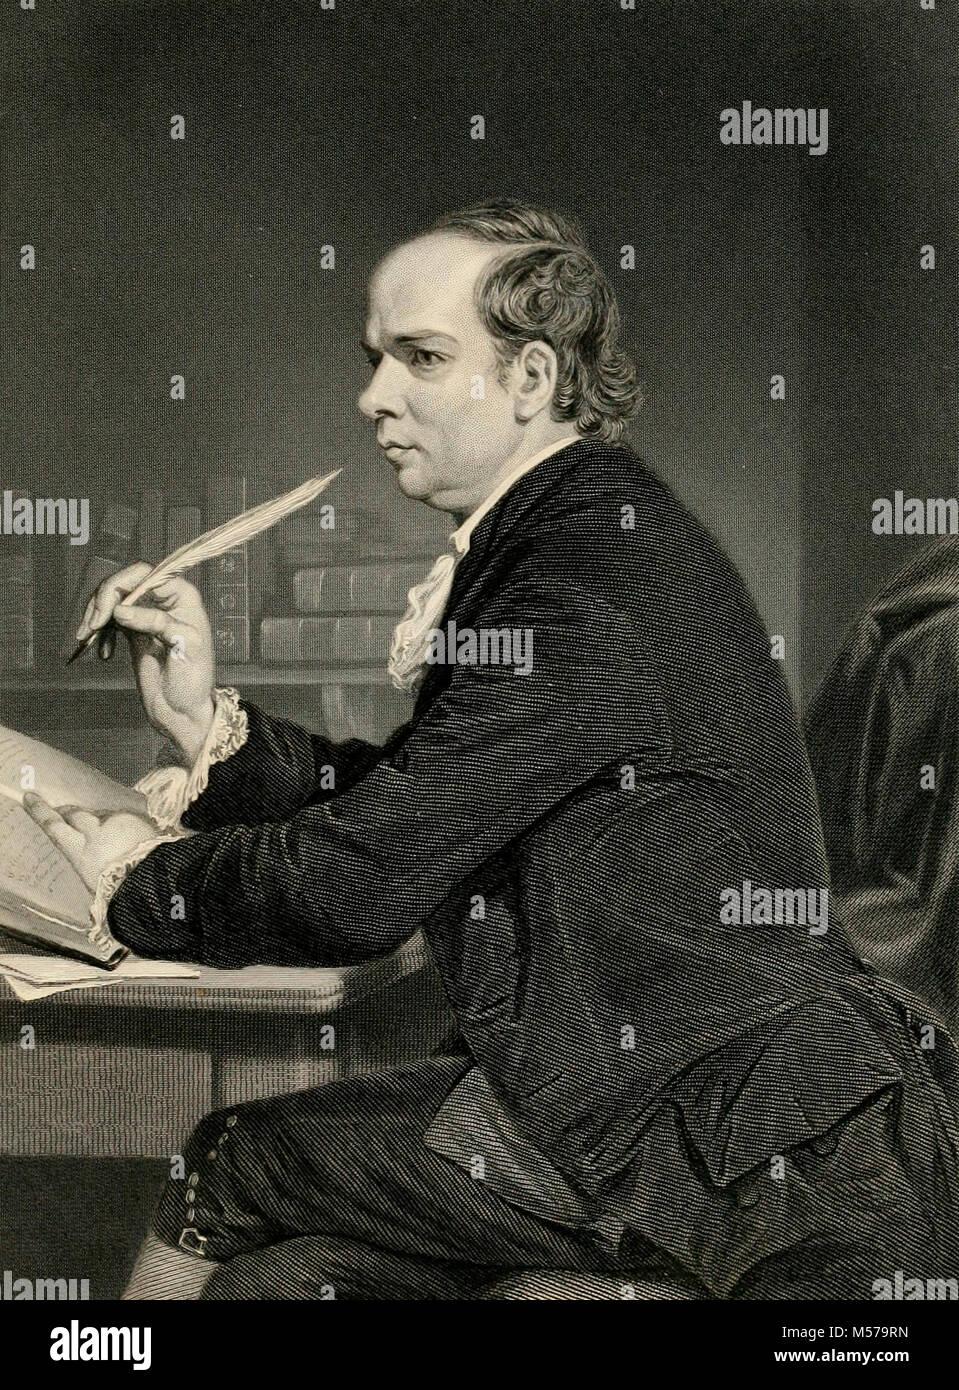 Oliver Goldsmith, Irish novelist, playwright and poet - Stock Image